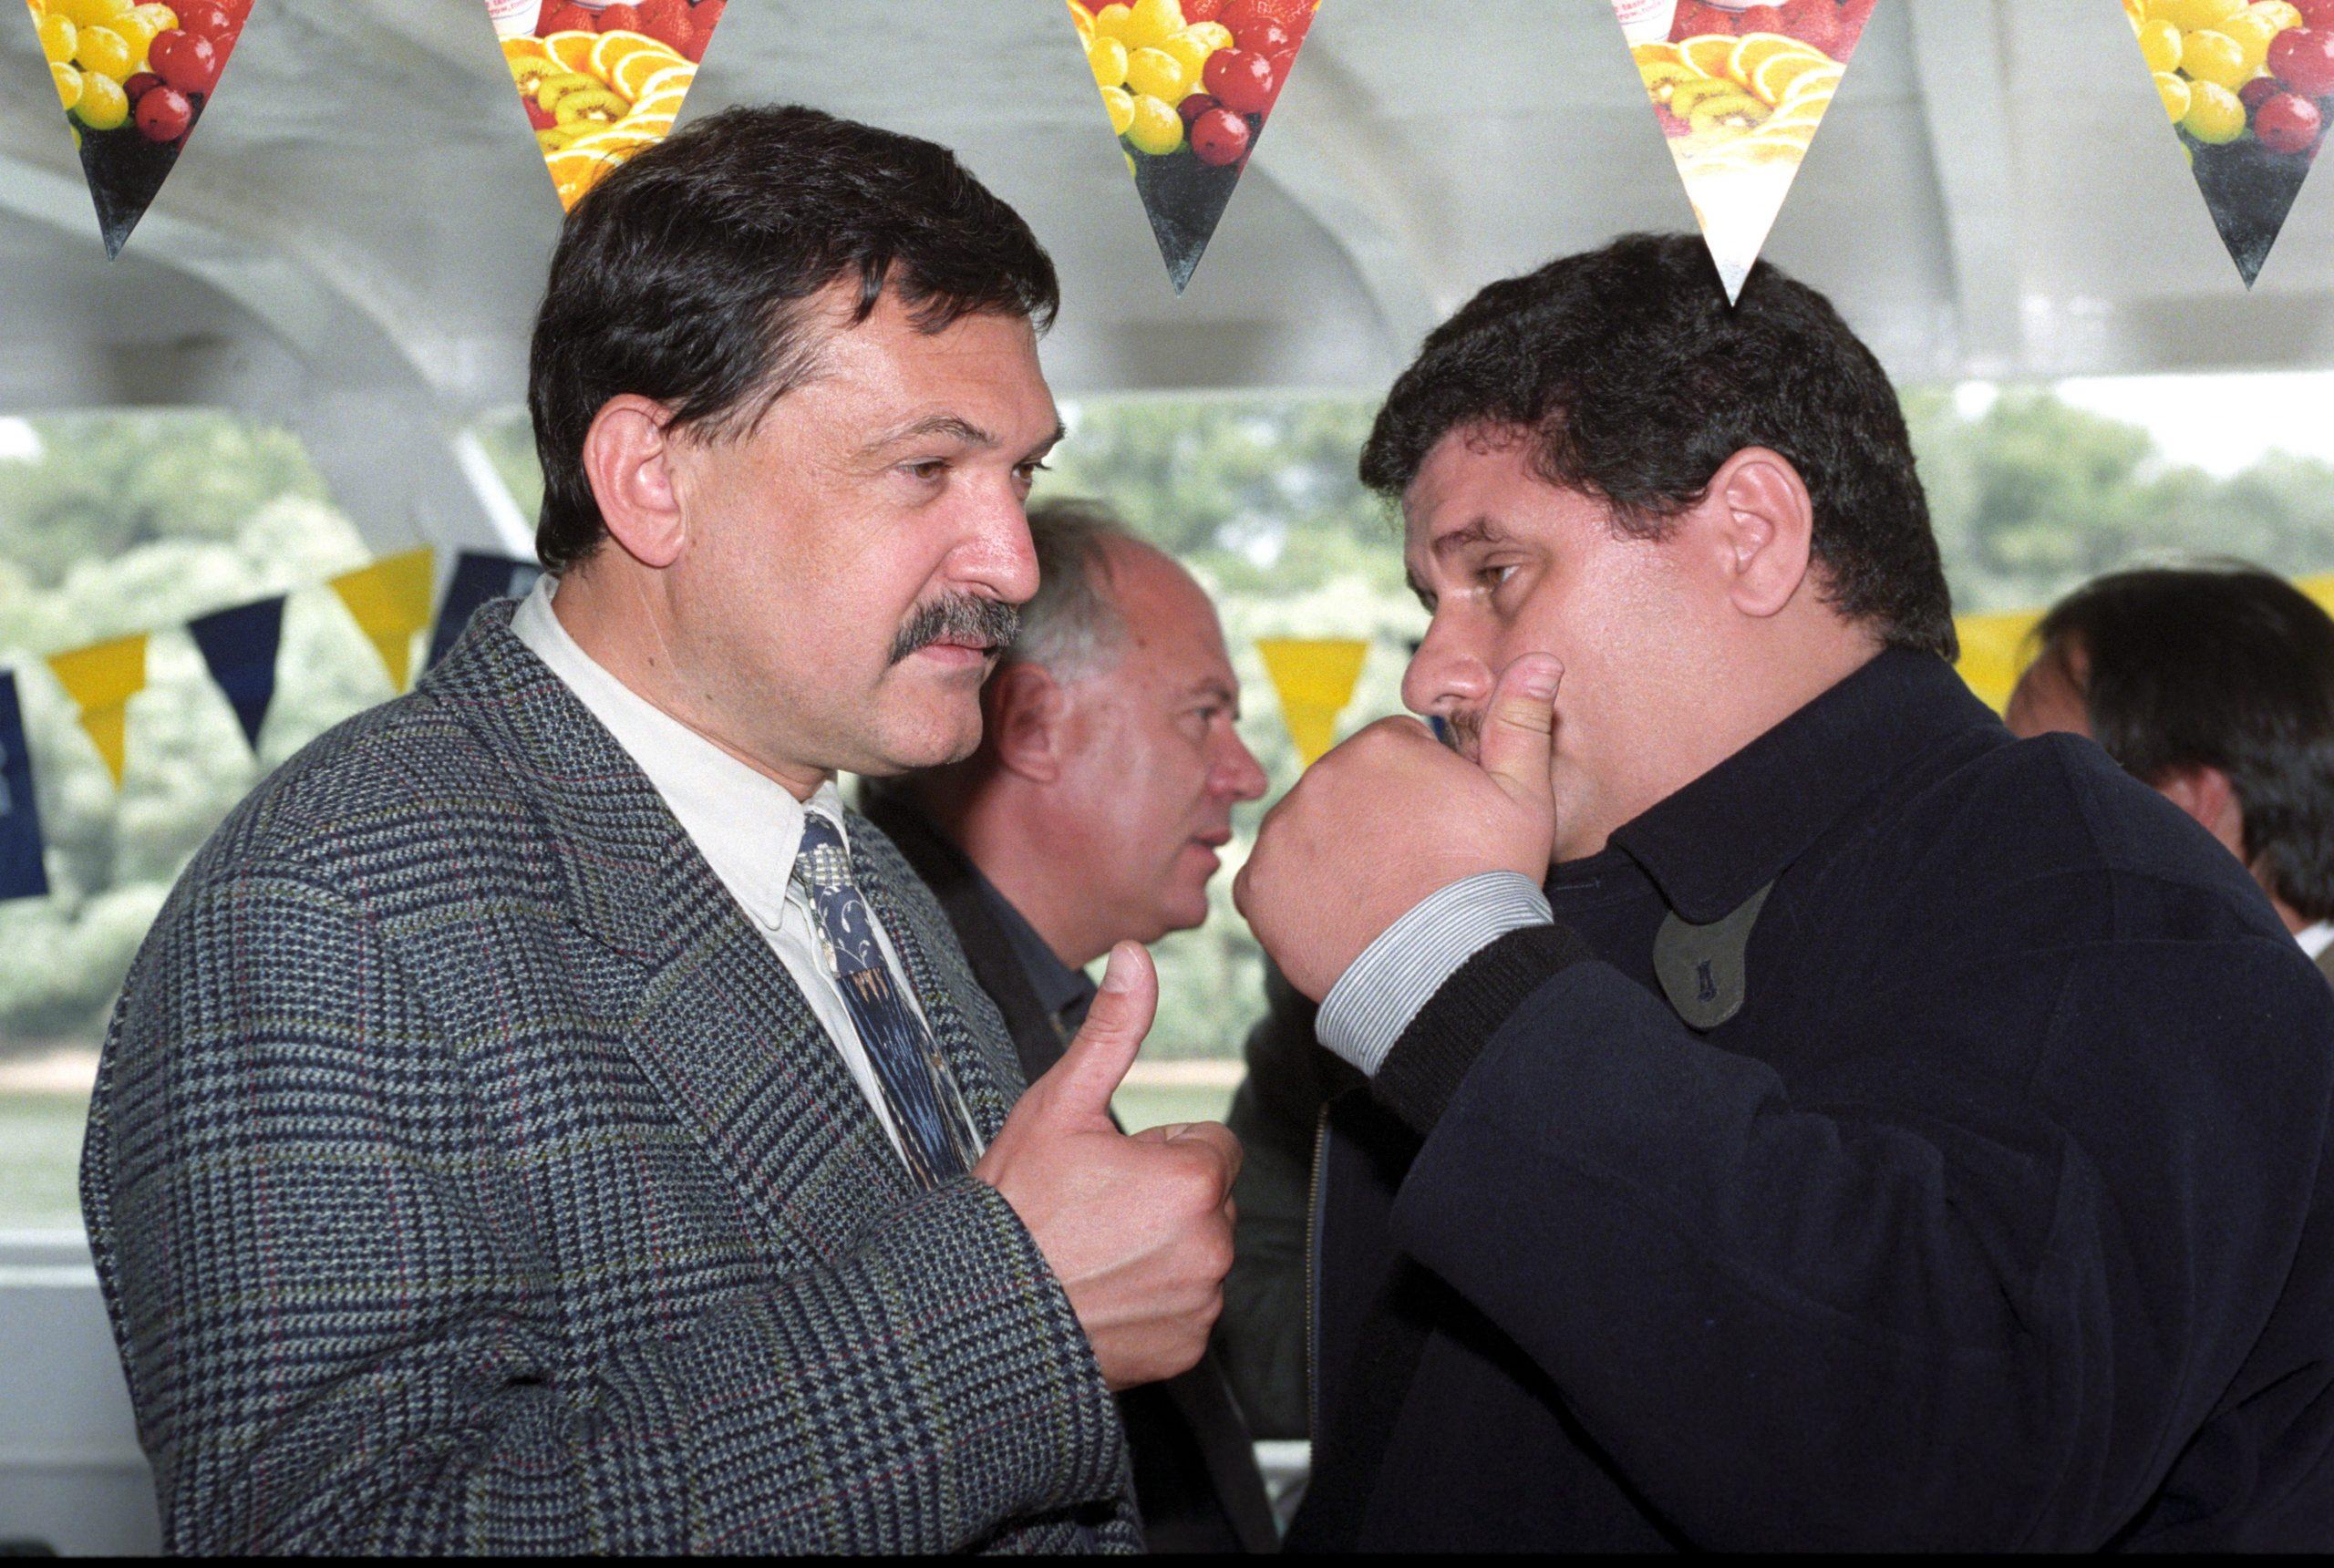 Csányi Sándor és Princz Gábor, a Postabank elnöke a hálózati Enyedi Nagy Mihály szervezte médiahajón. Princz Gyárfás mellett Fenyő legismertebb ellenfele is volt / Fotó: MTI